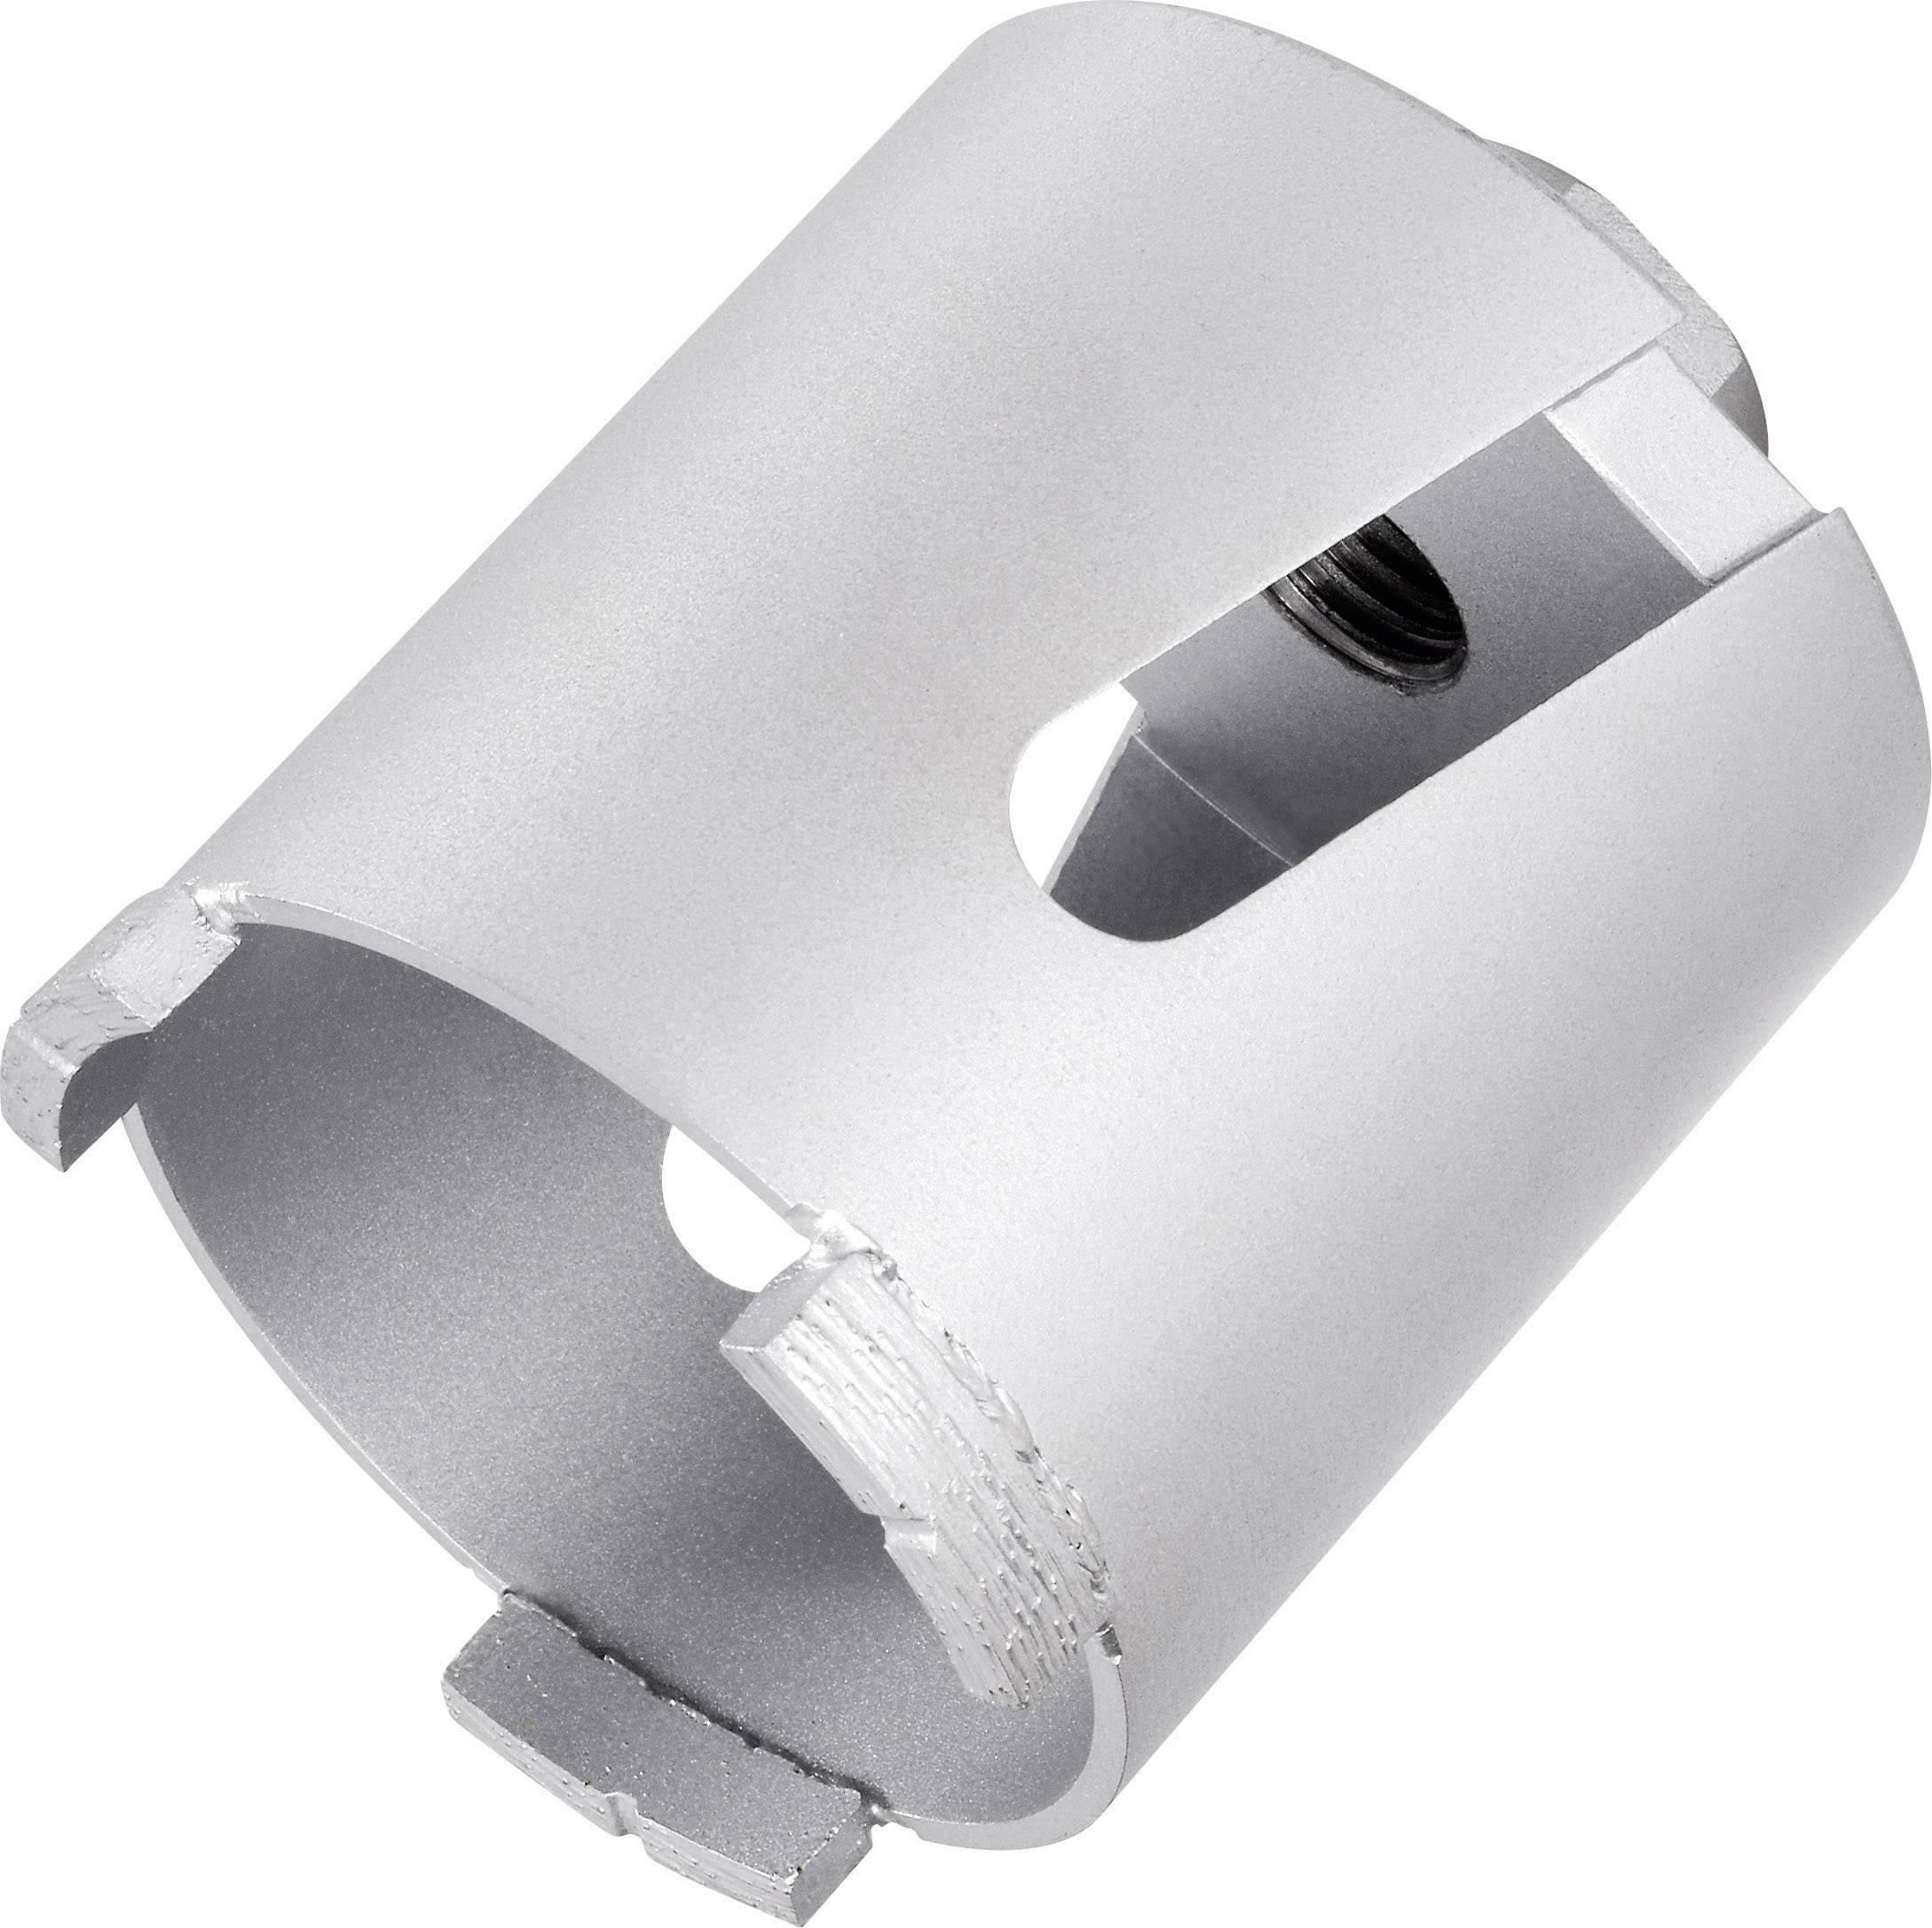 Diamantová vrtací korunka do abrazivních materiálů Dronco 4010010, 68 mm